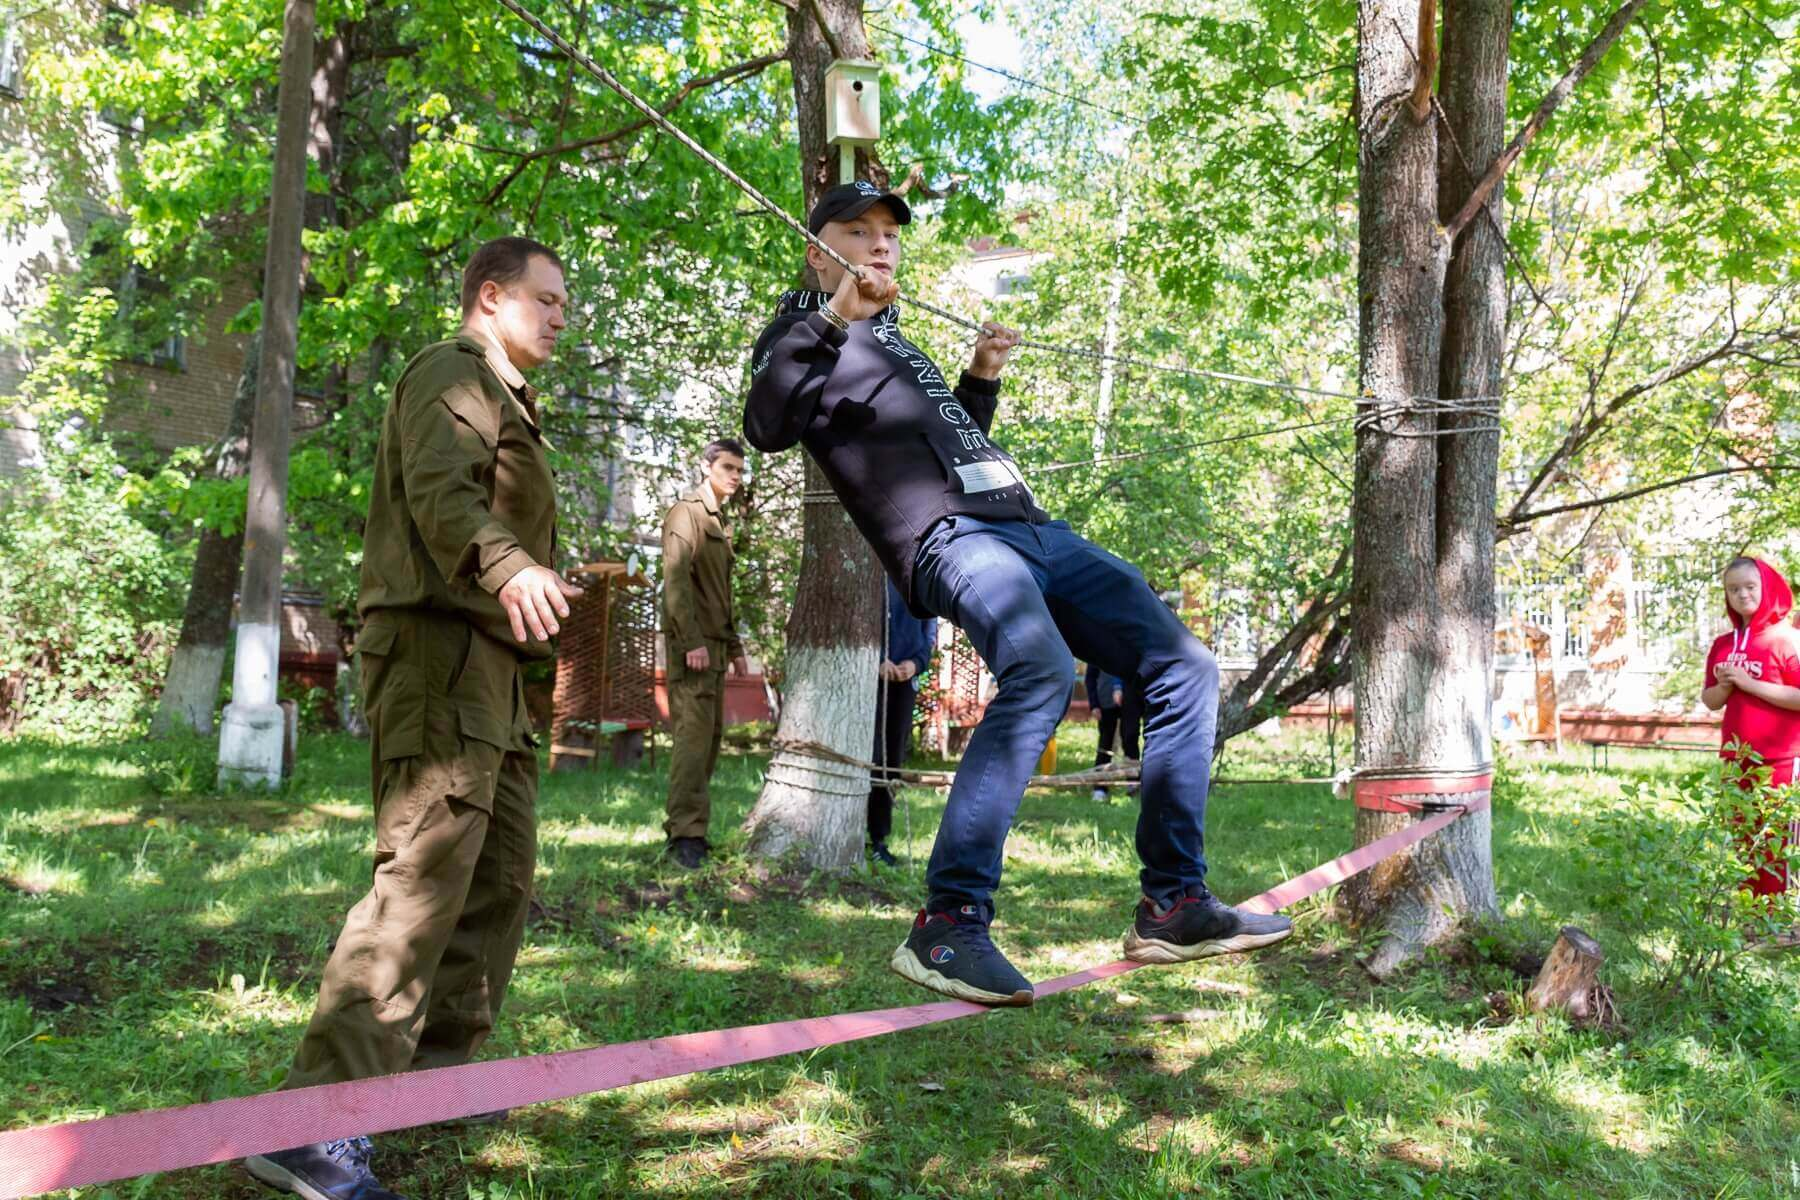 Военно-спортивная игра Зарница, верёвочная полоса препятствий